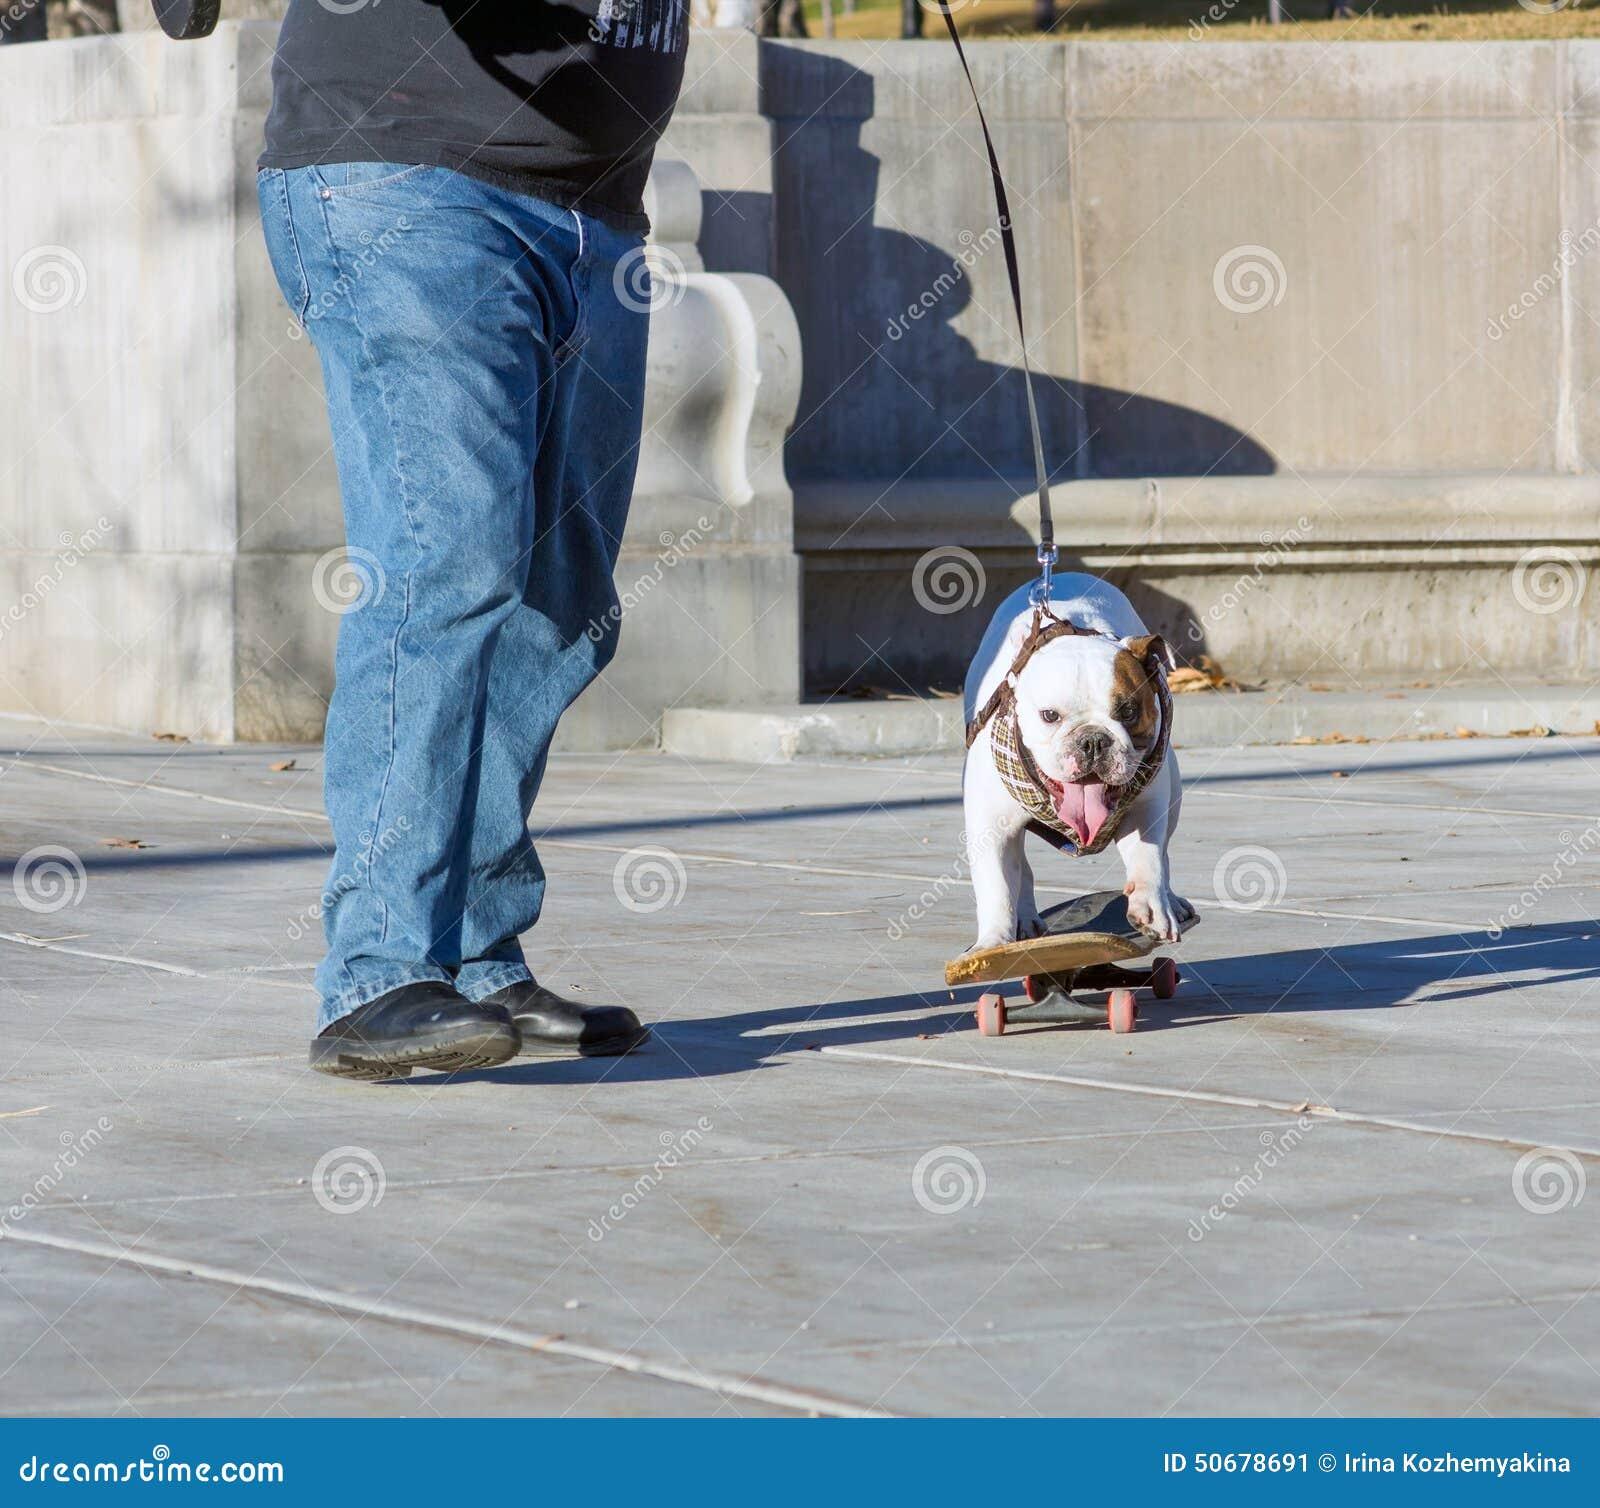 Download 所有者教踩滑板的英国牛头犬 库存图片. 图片 包括有 敌意, 质朴, 牛头犬, 体育运动, 采用的, 城市 - 50678691